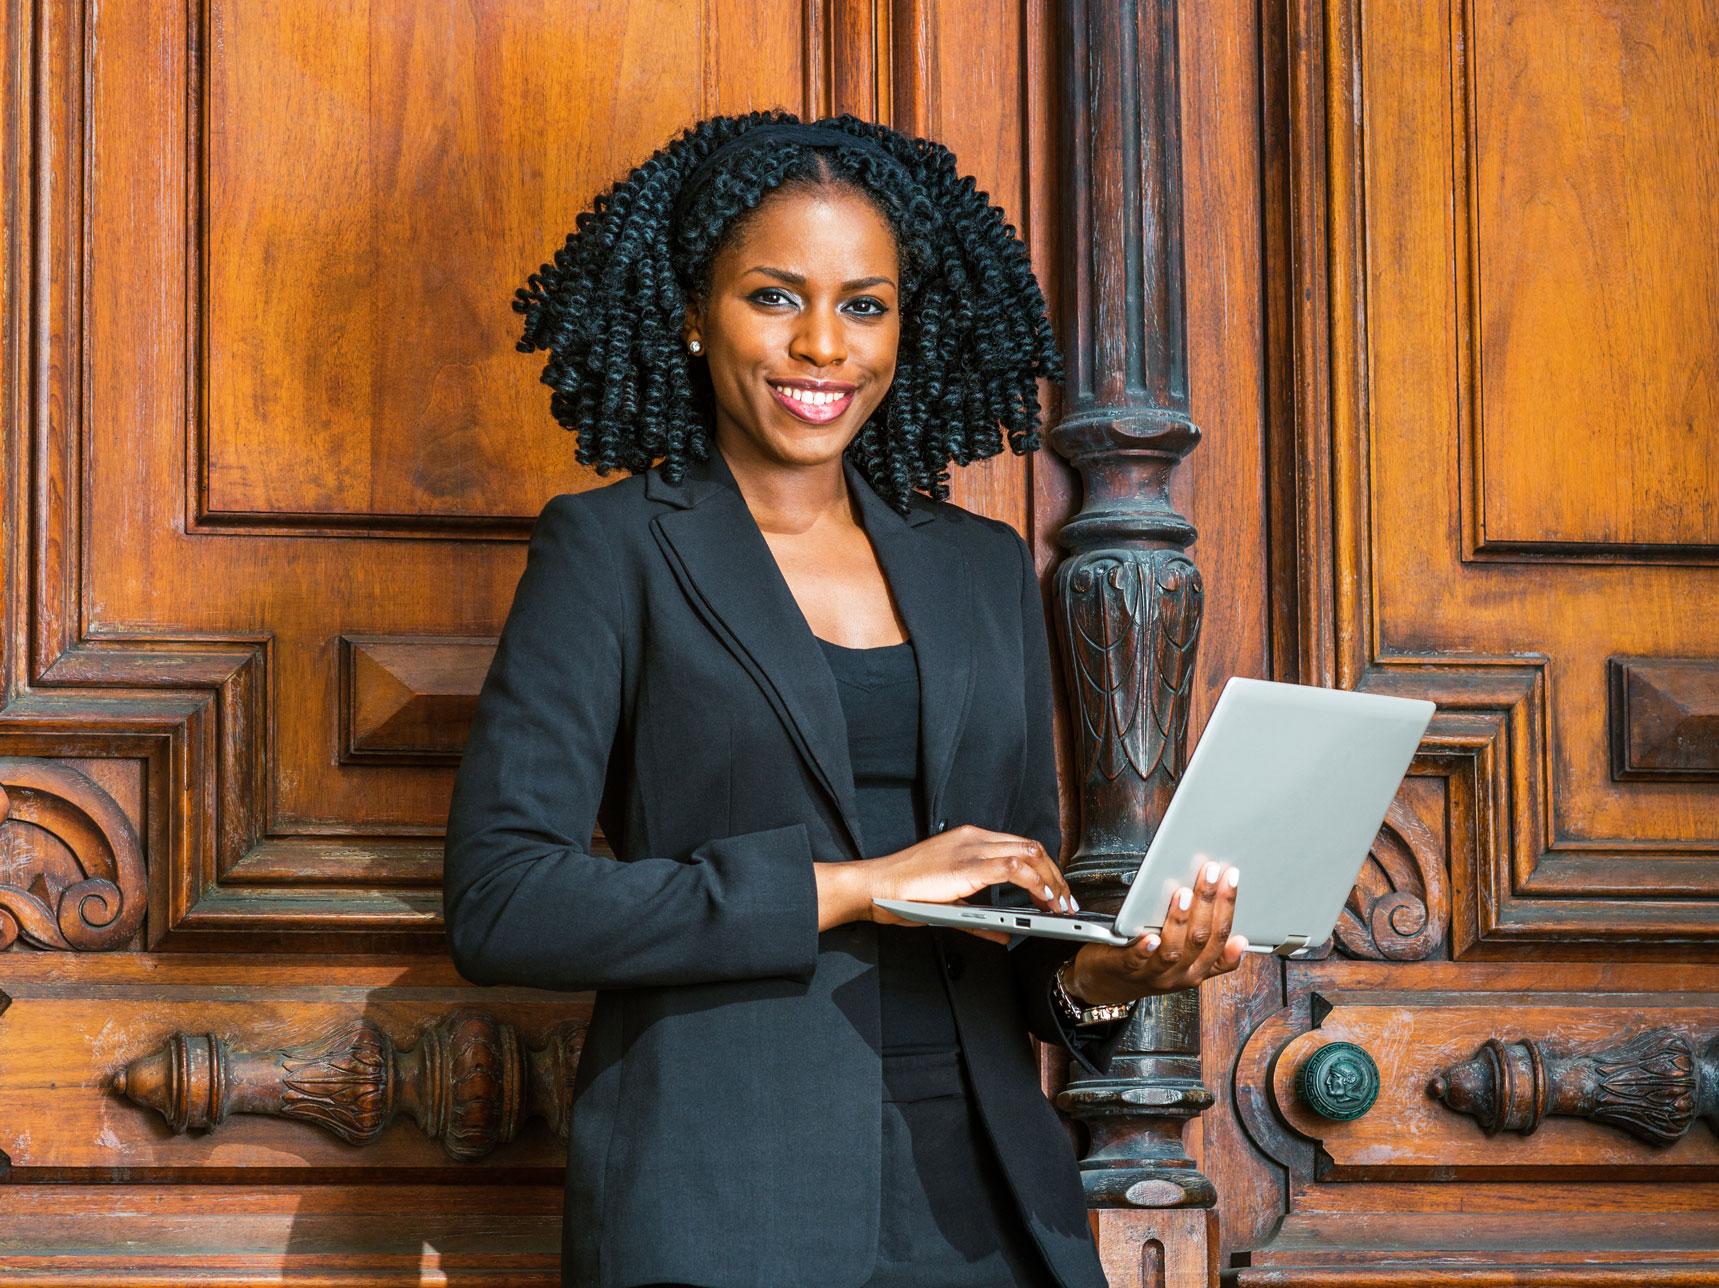 black female lawyer